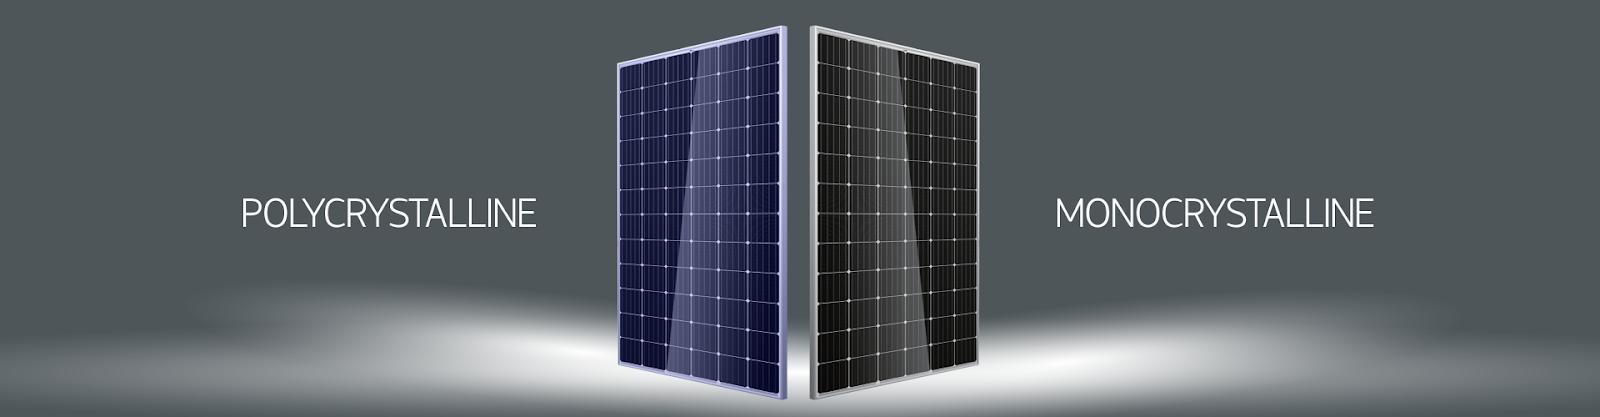 Điện mặt trời cho hộ gia đình *hotline:  0989043971